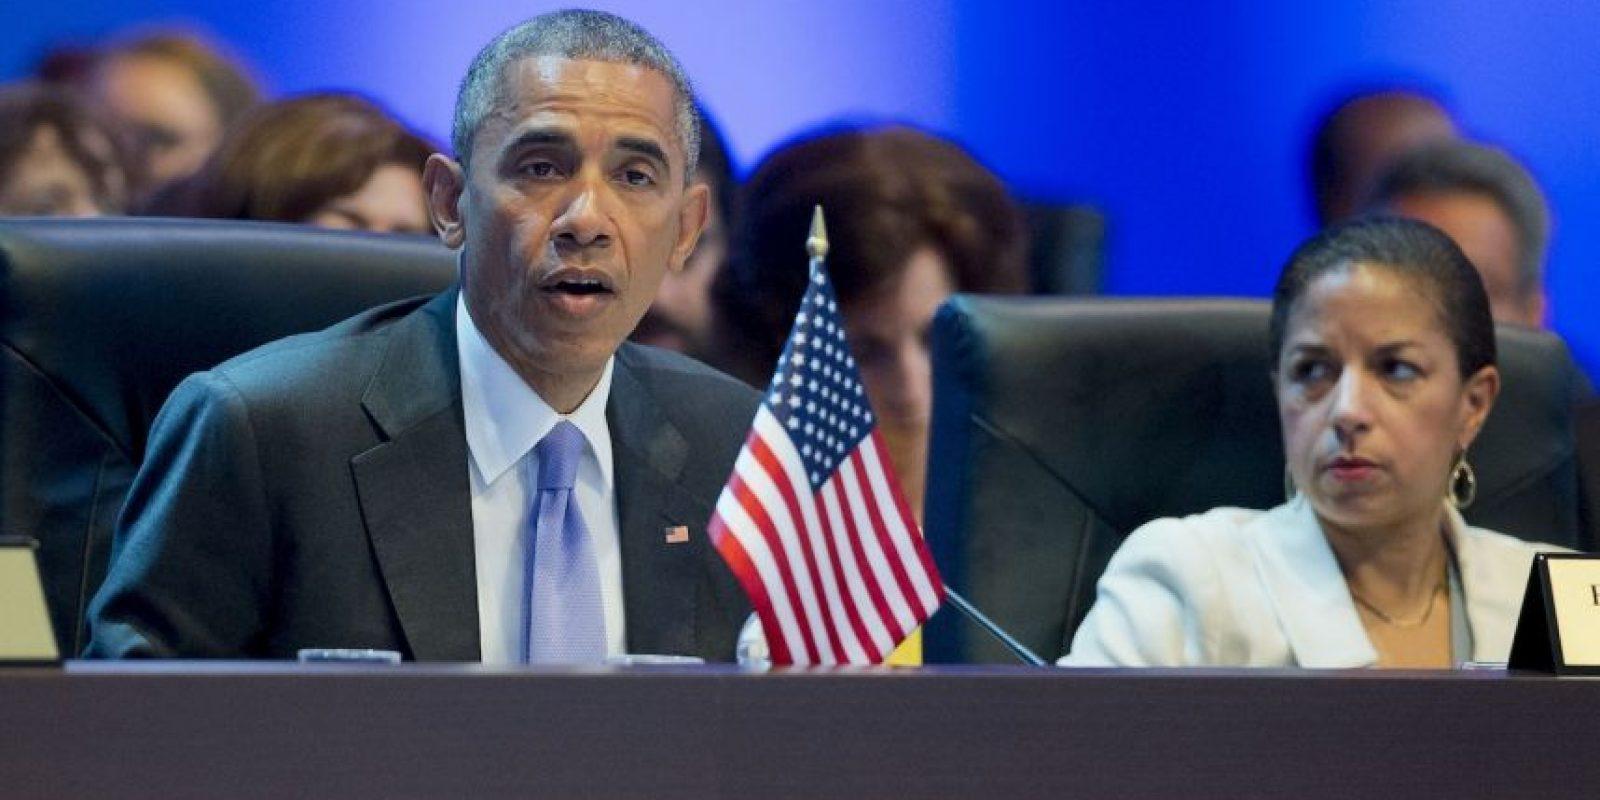 El dictamen del Gobierno de Obama de quitar a Cuba de la lista de países que patrocinan el terrorismo entrará en vigor en 45 días a partir del anuncio, esto por si el Congreso quiere redactar un proyecto de ley para revocarlo. Foto:AP